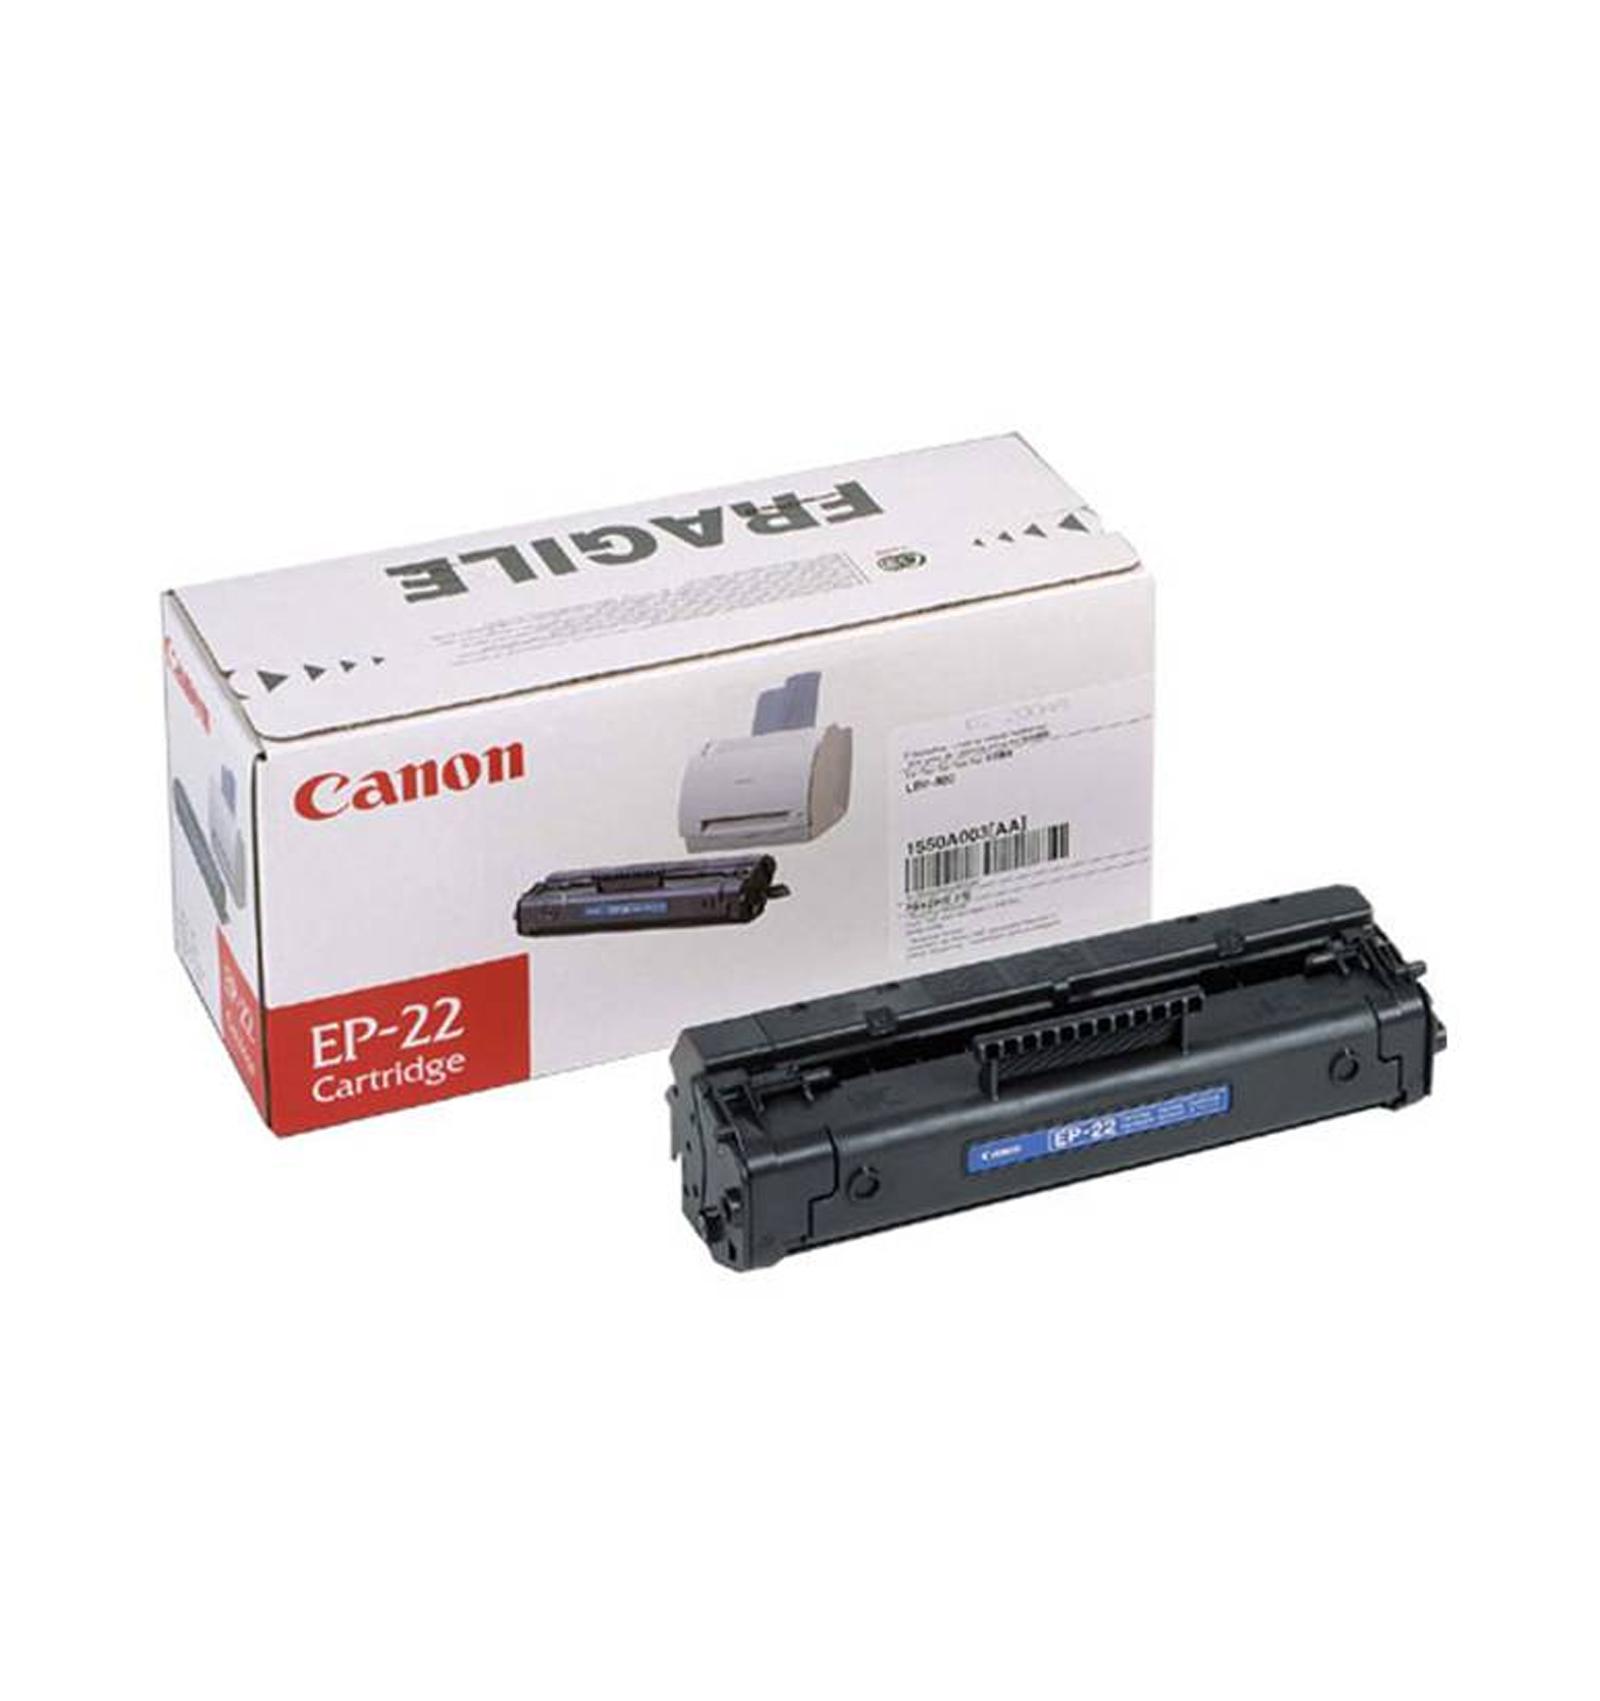 Заправка тонером картриджа Canon EP-22 для Laser Shot LBP-800/810/1120